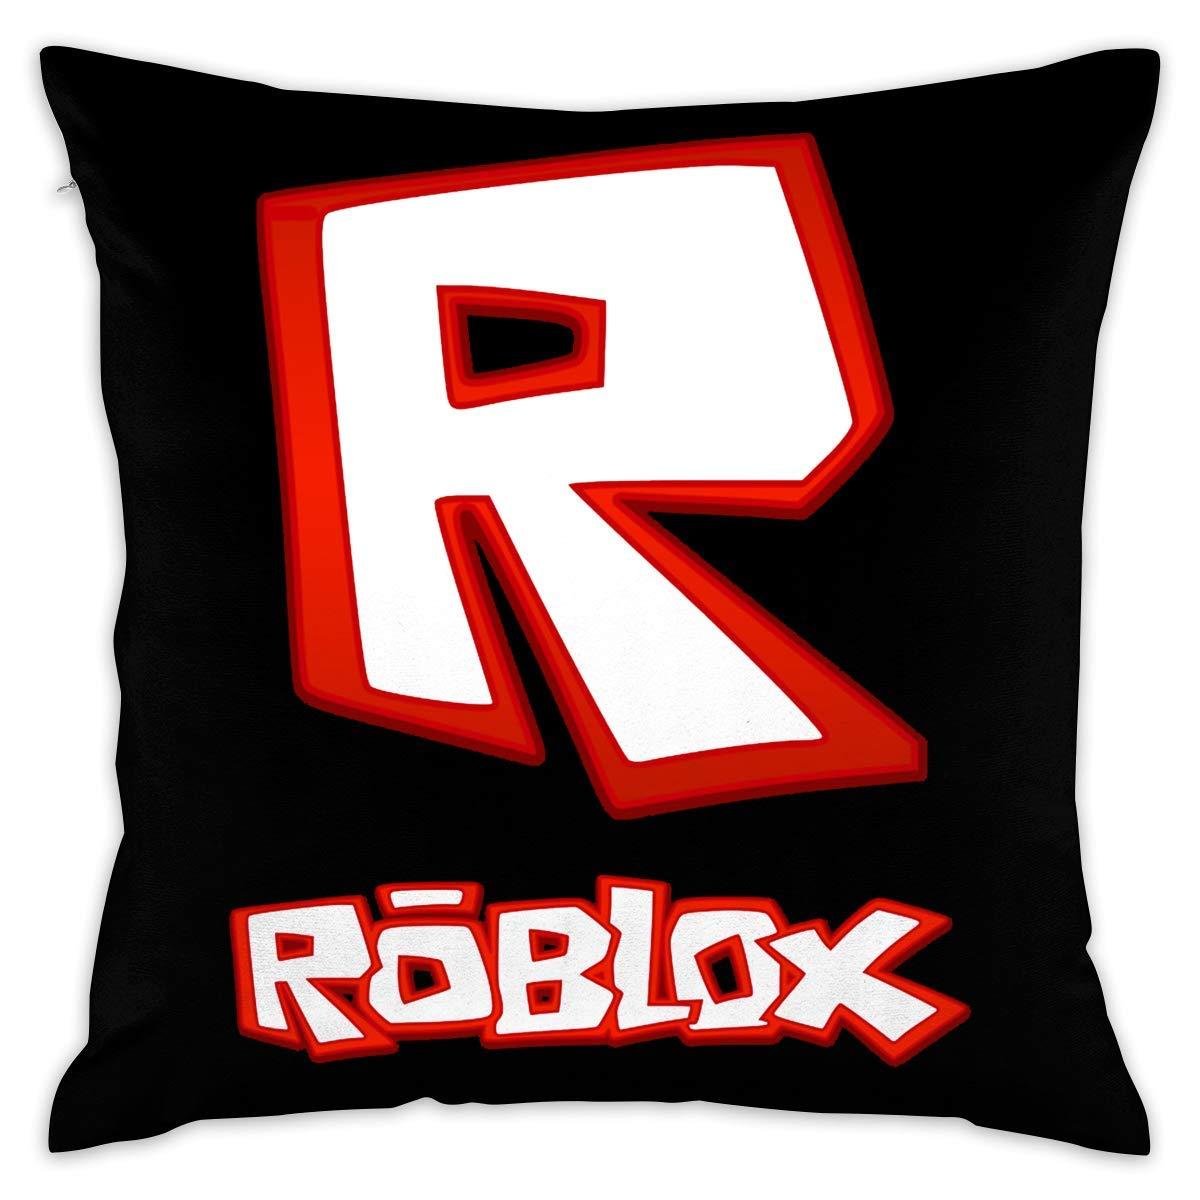 SWARON Roblox Video Game Decorative Throw Pillow Covers Case Pillowcases Fundas para Almohada (45cmx45cm)